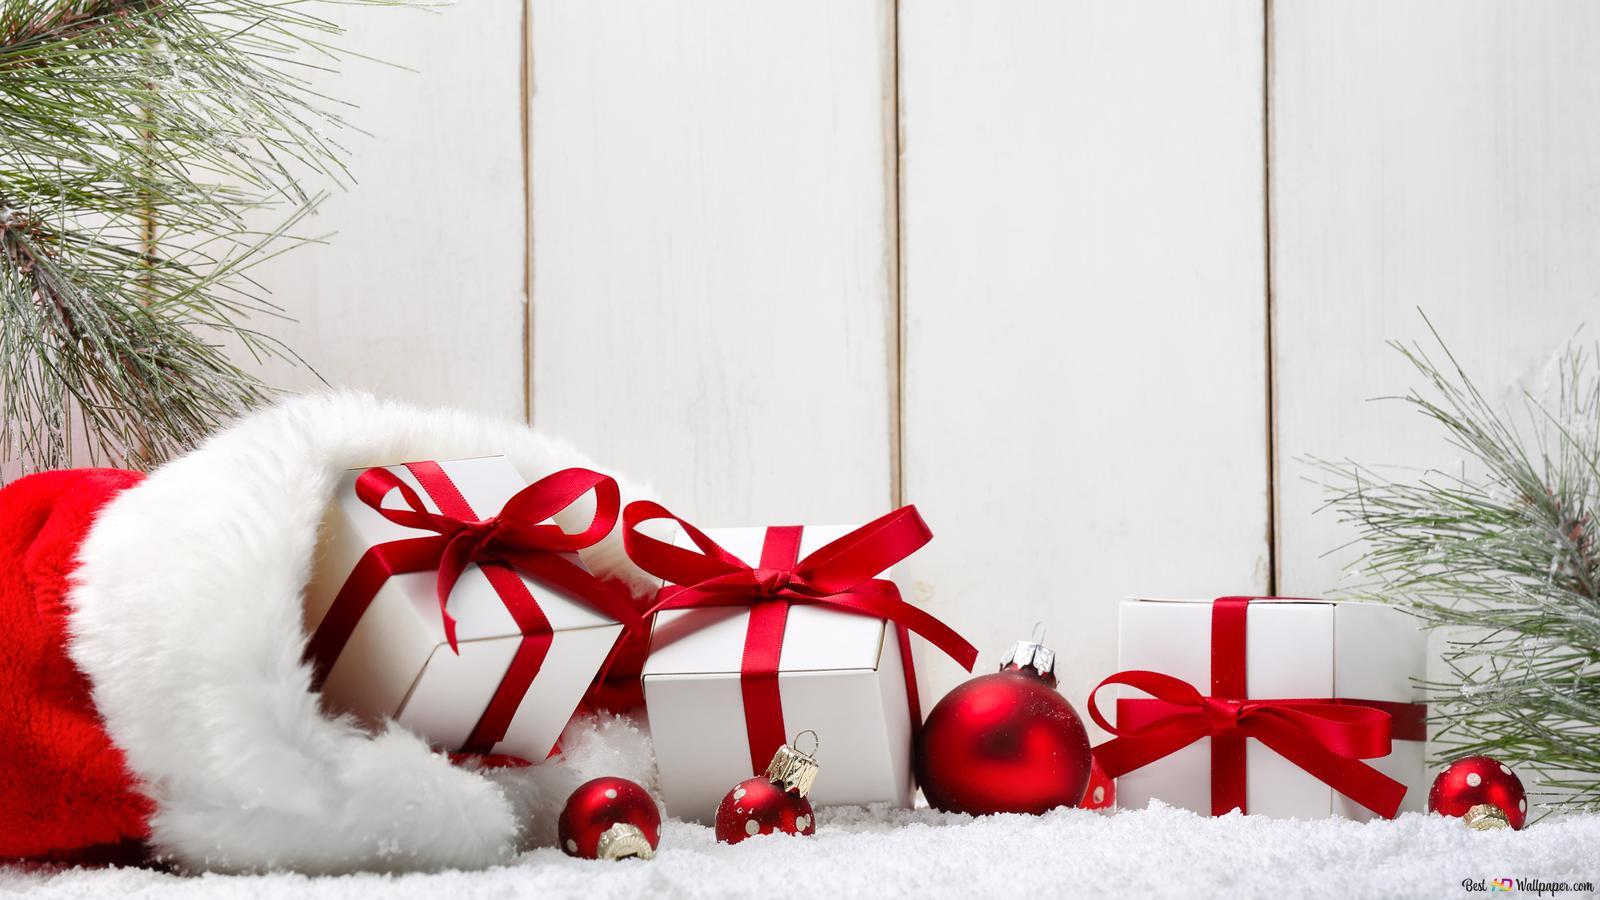 Sfondi Natalizi Lumia.Regali Di Natale In Sacco Rosso Download Di Sfondi Hd